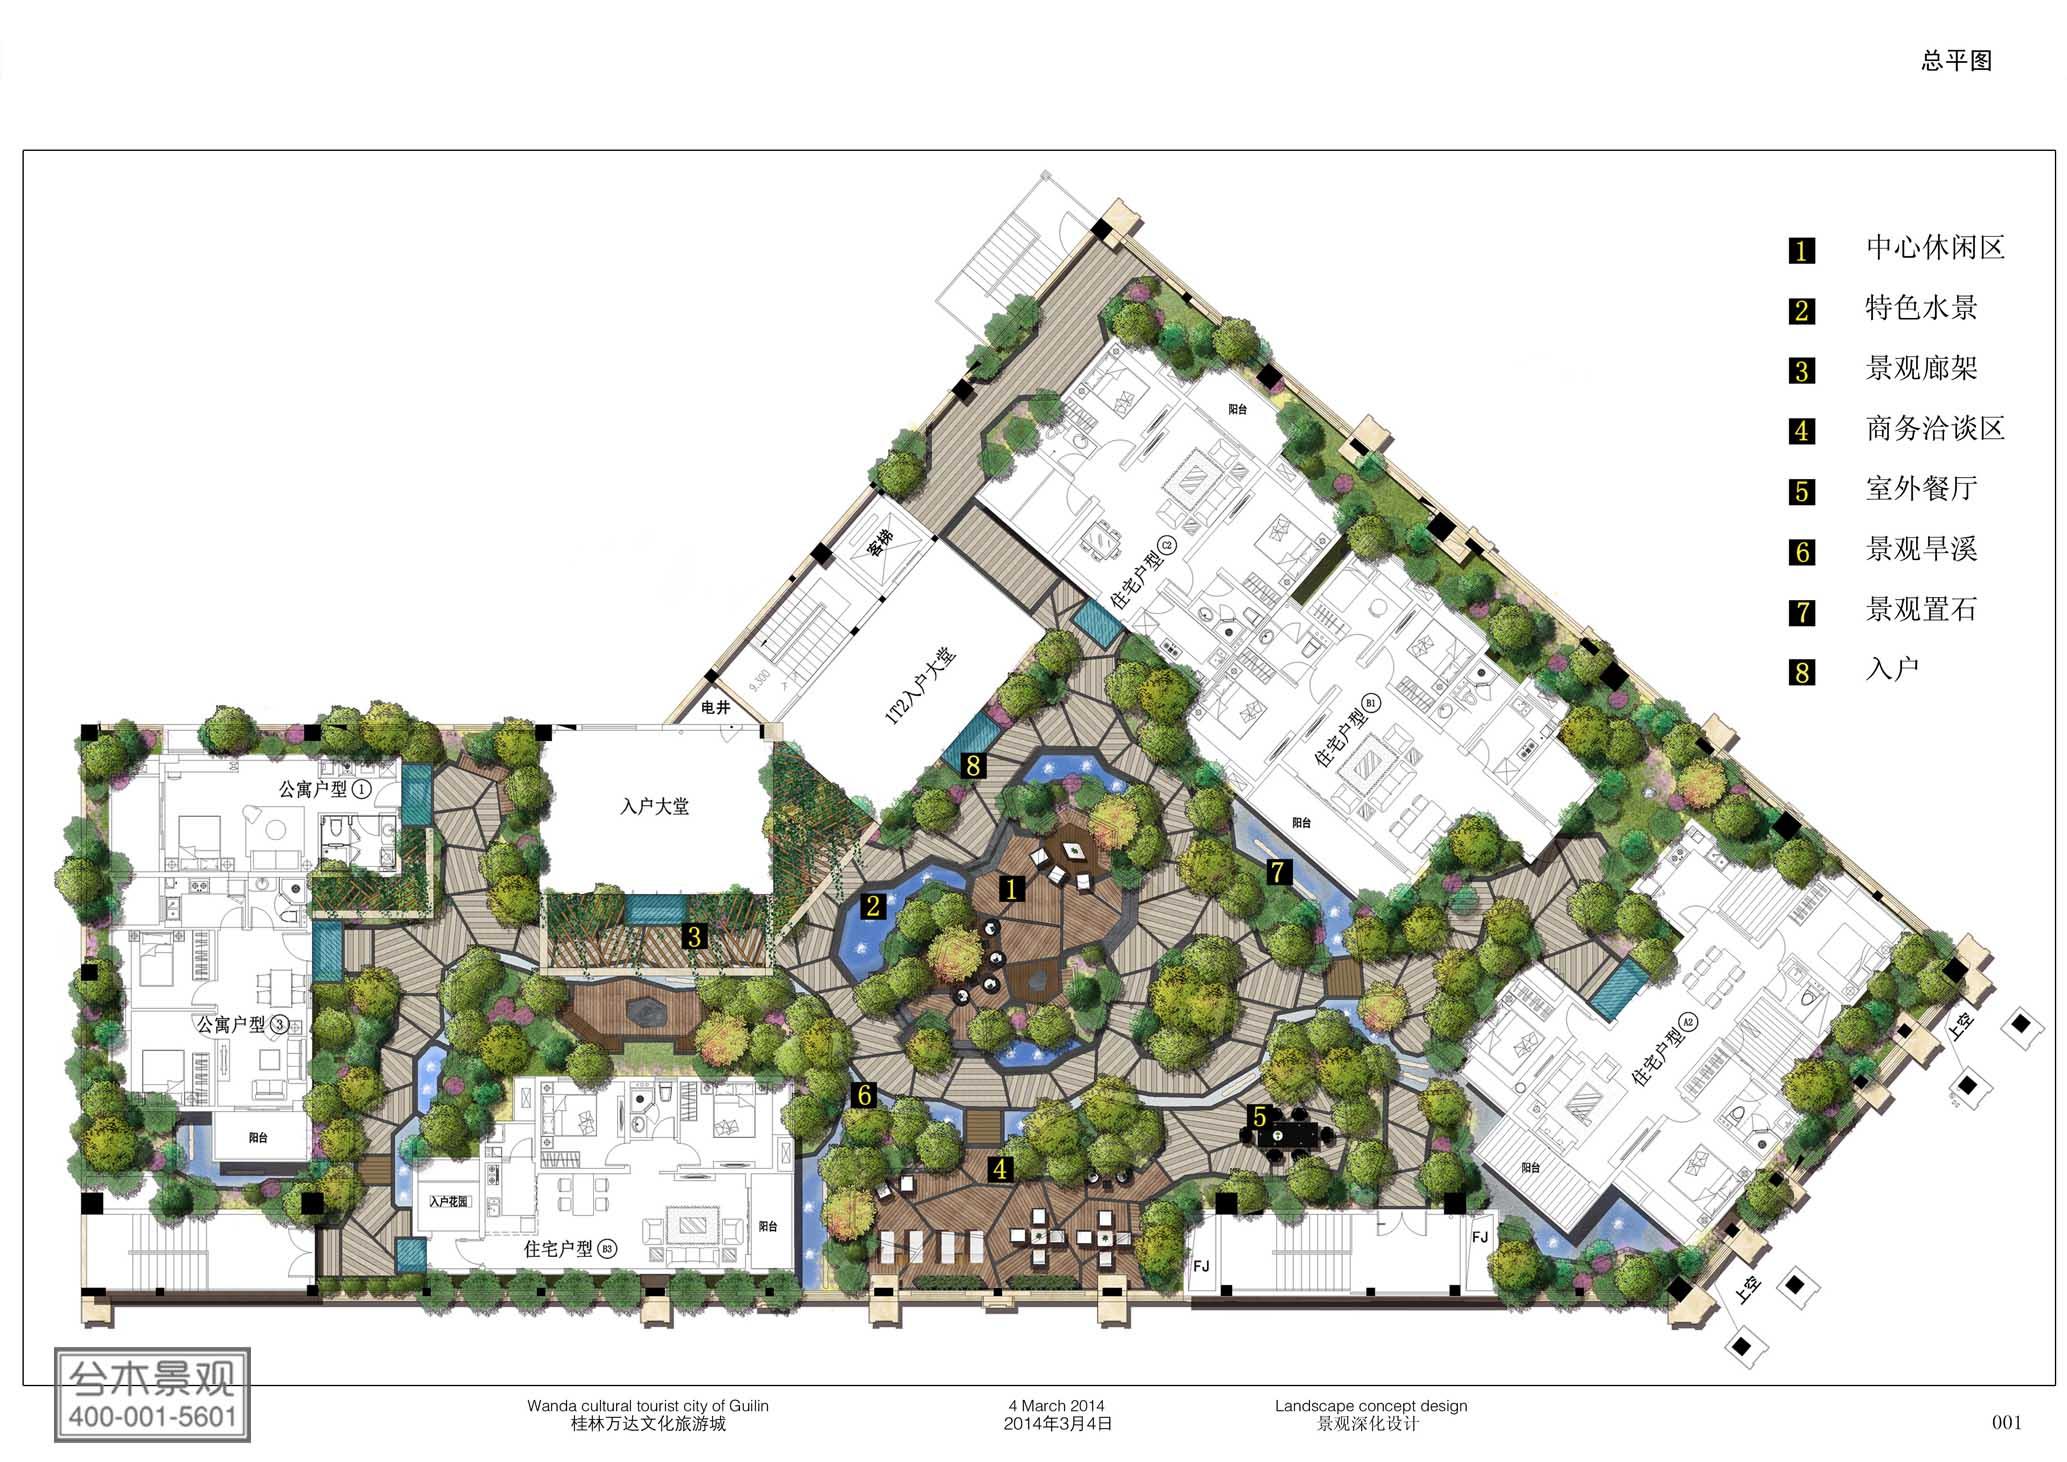 桂林-万达屋顶花园设计